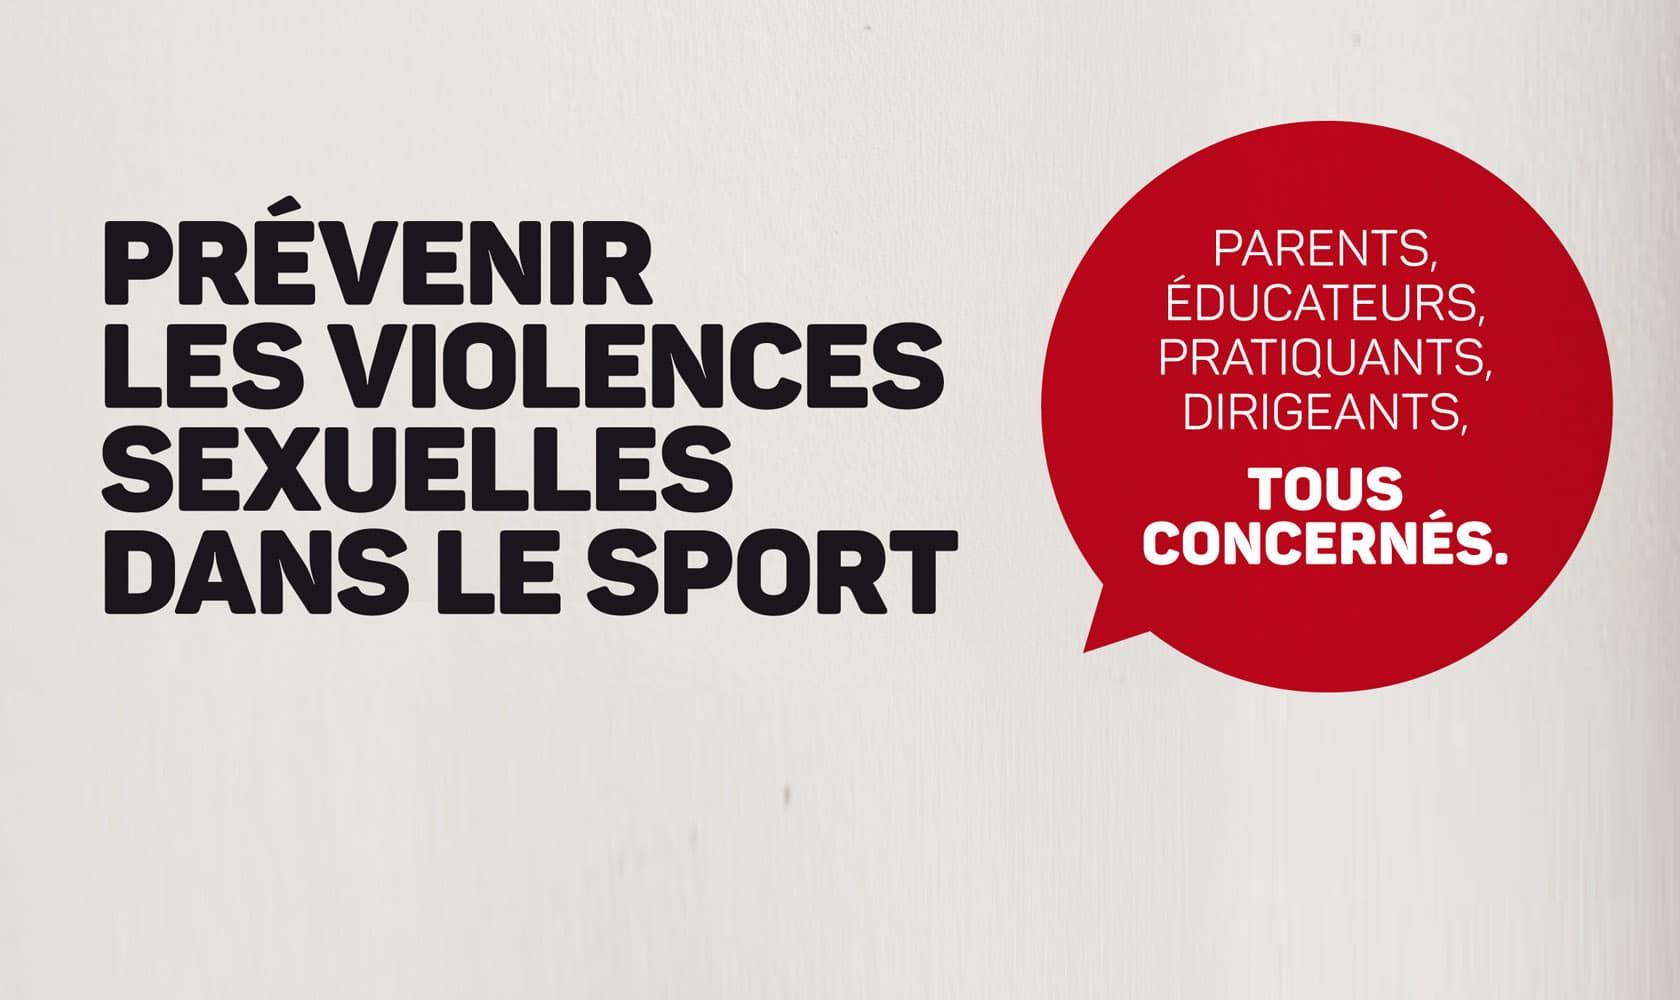 Prevenir Les Violences Sexuelles Dans Le Sport